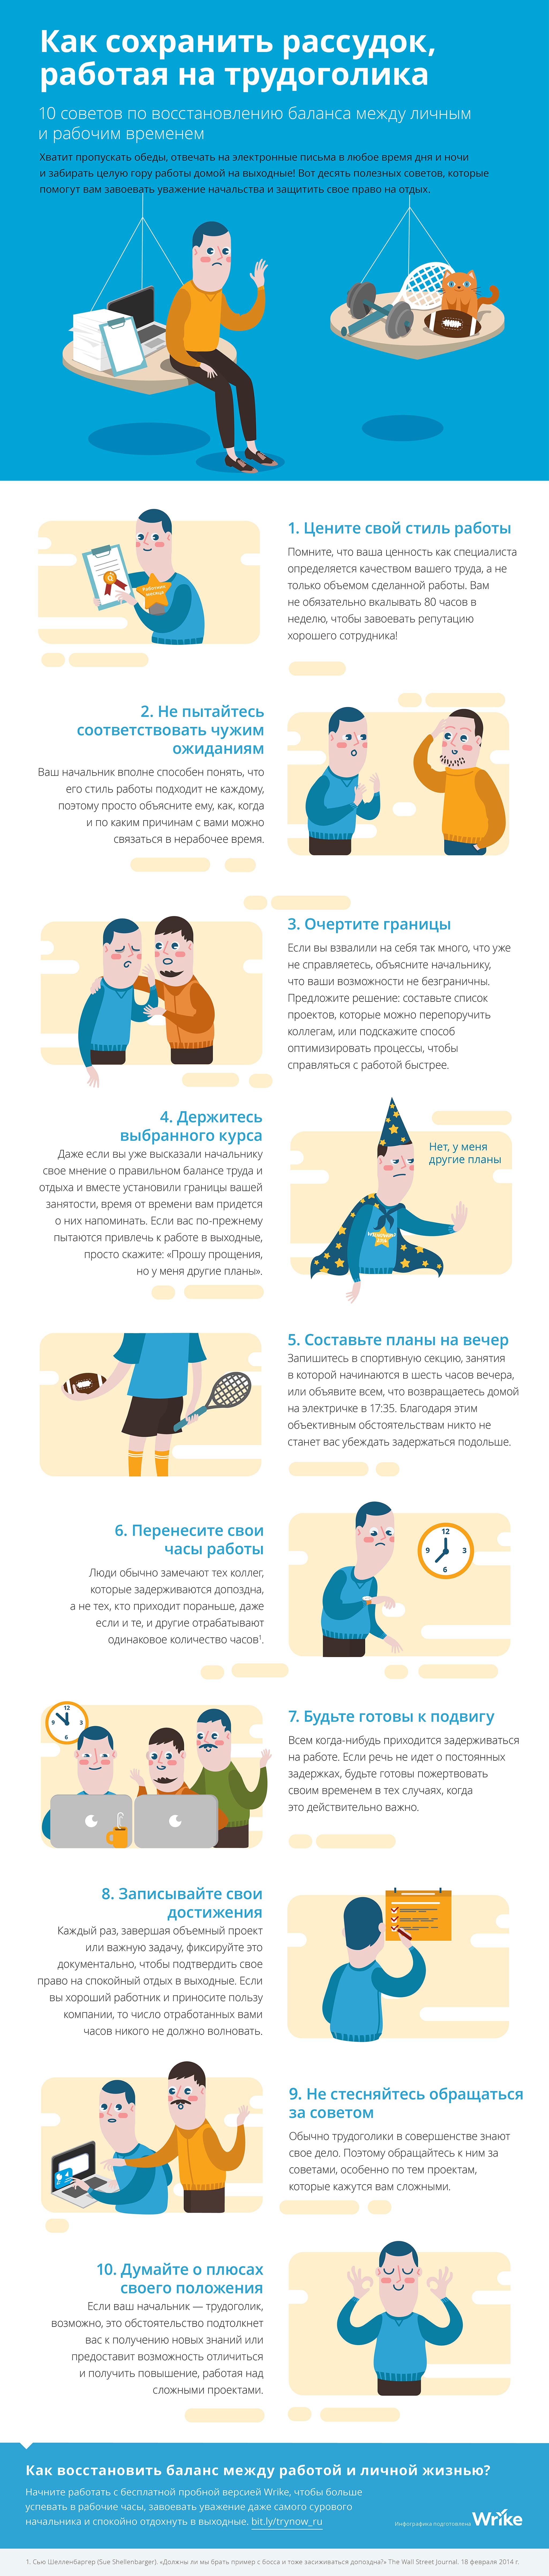 Как сохранить рассудок, работая на трудоголика: 10 советов по восстановлению баланса между личным и рабочим временем (#инфографика)